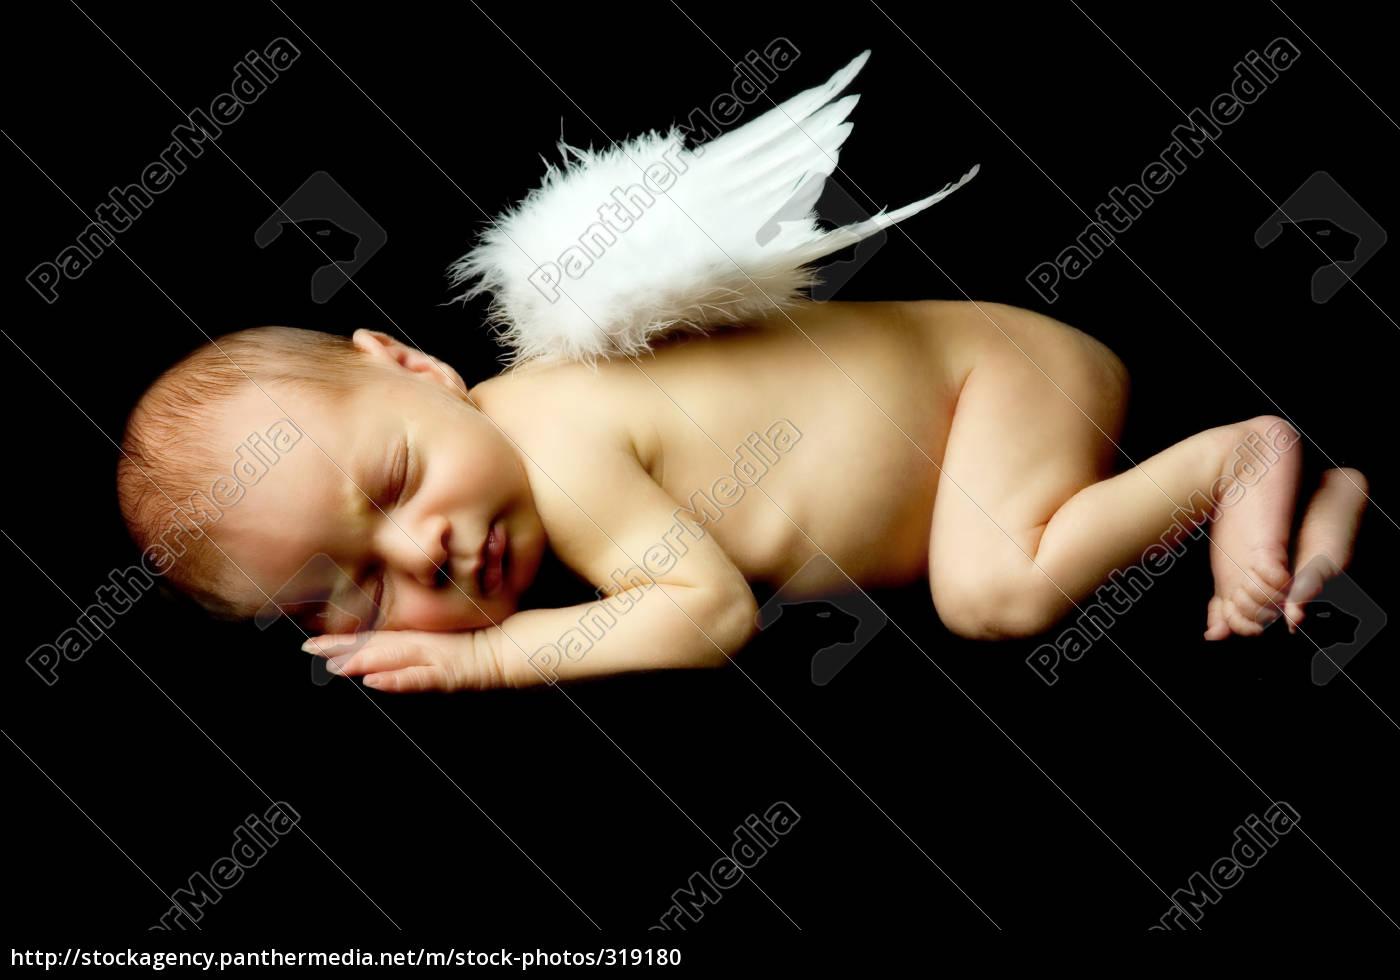 little, angel - 319180